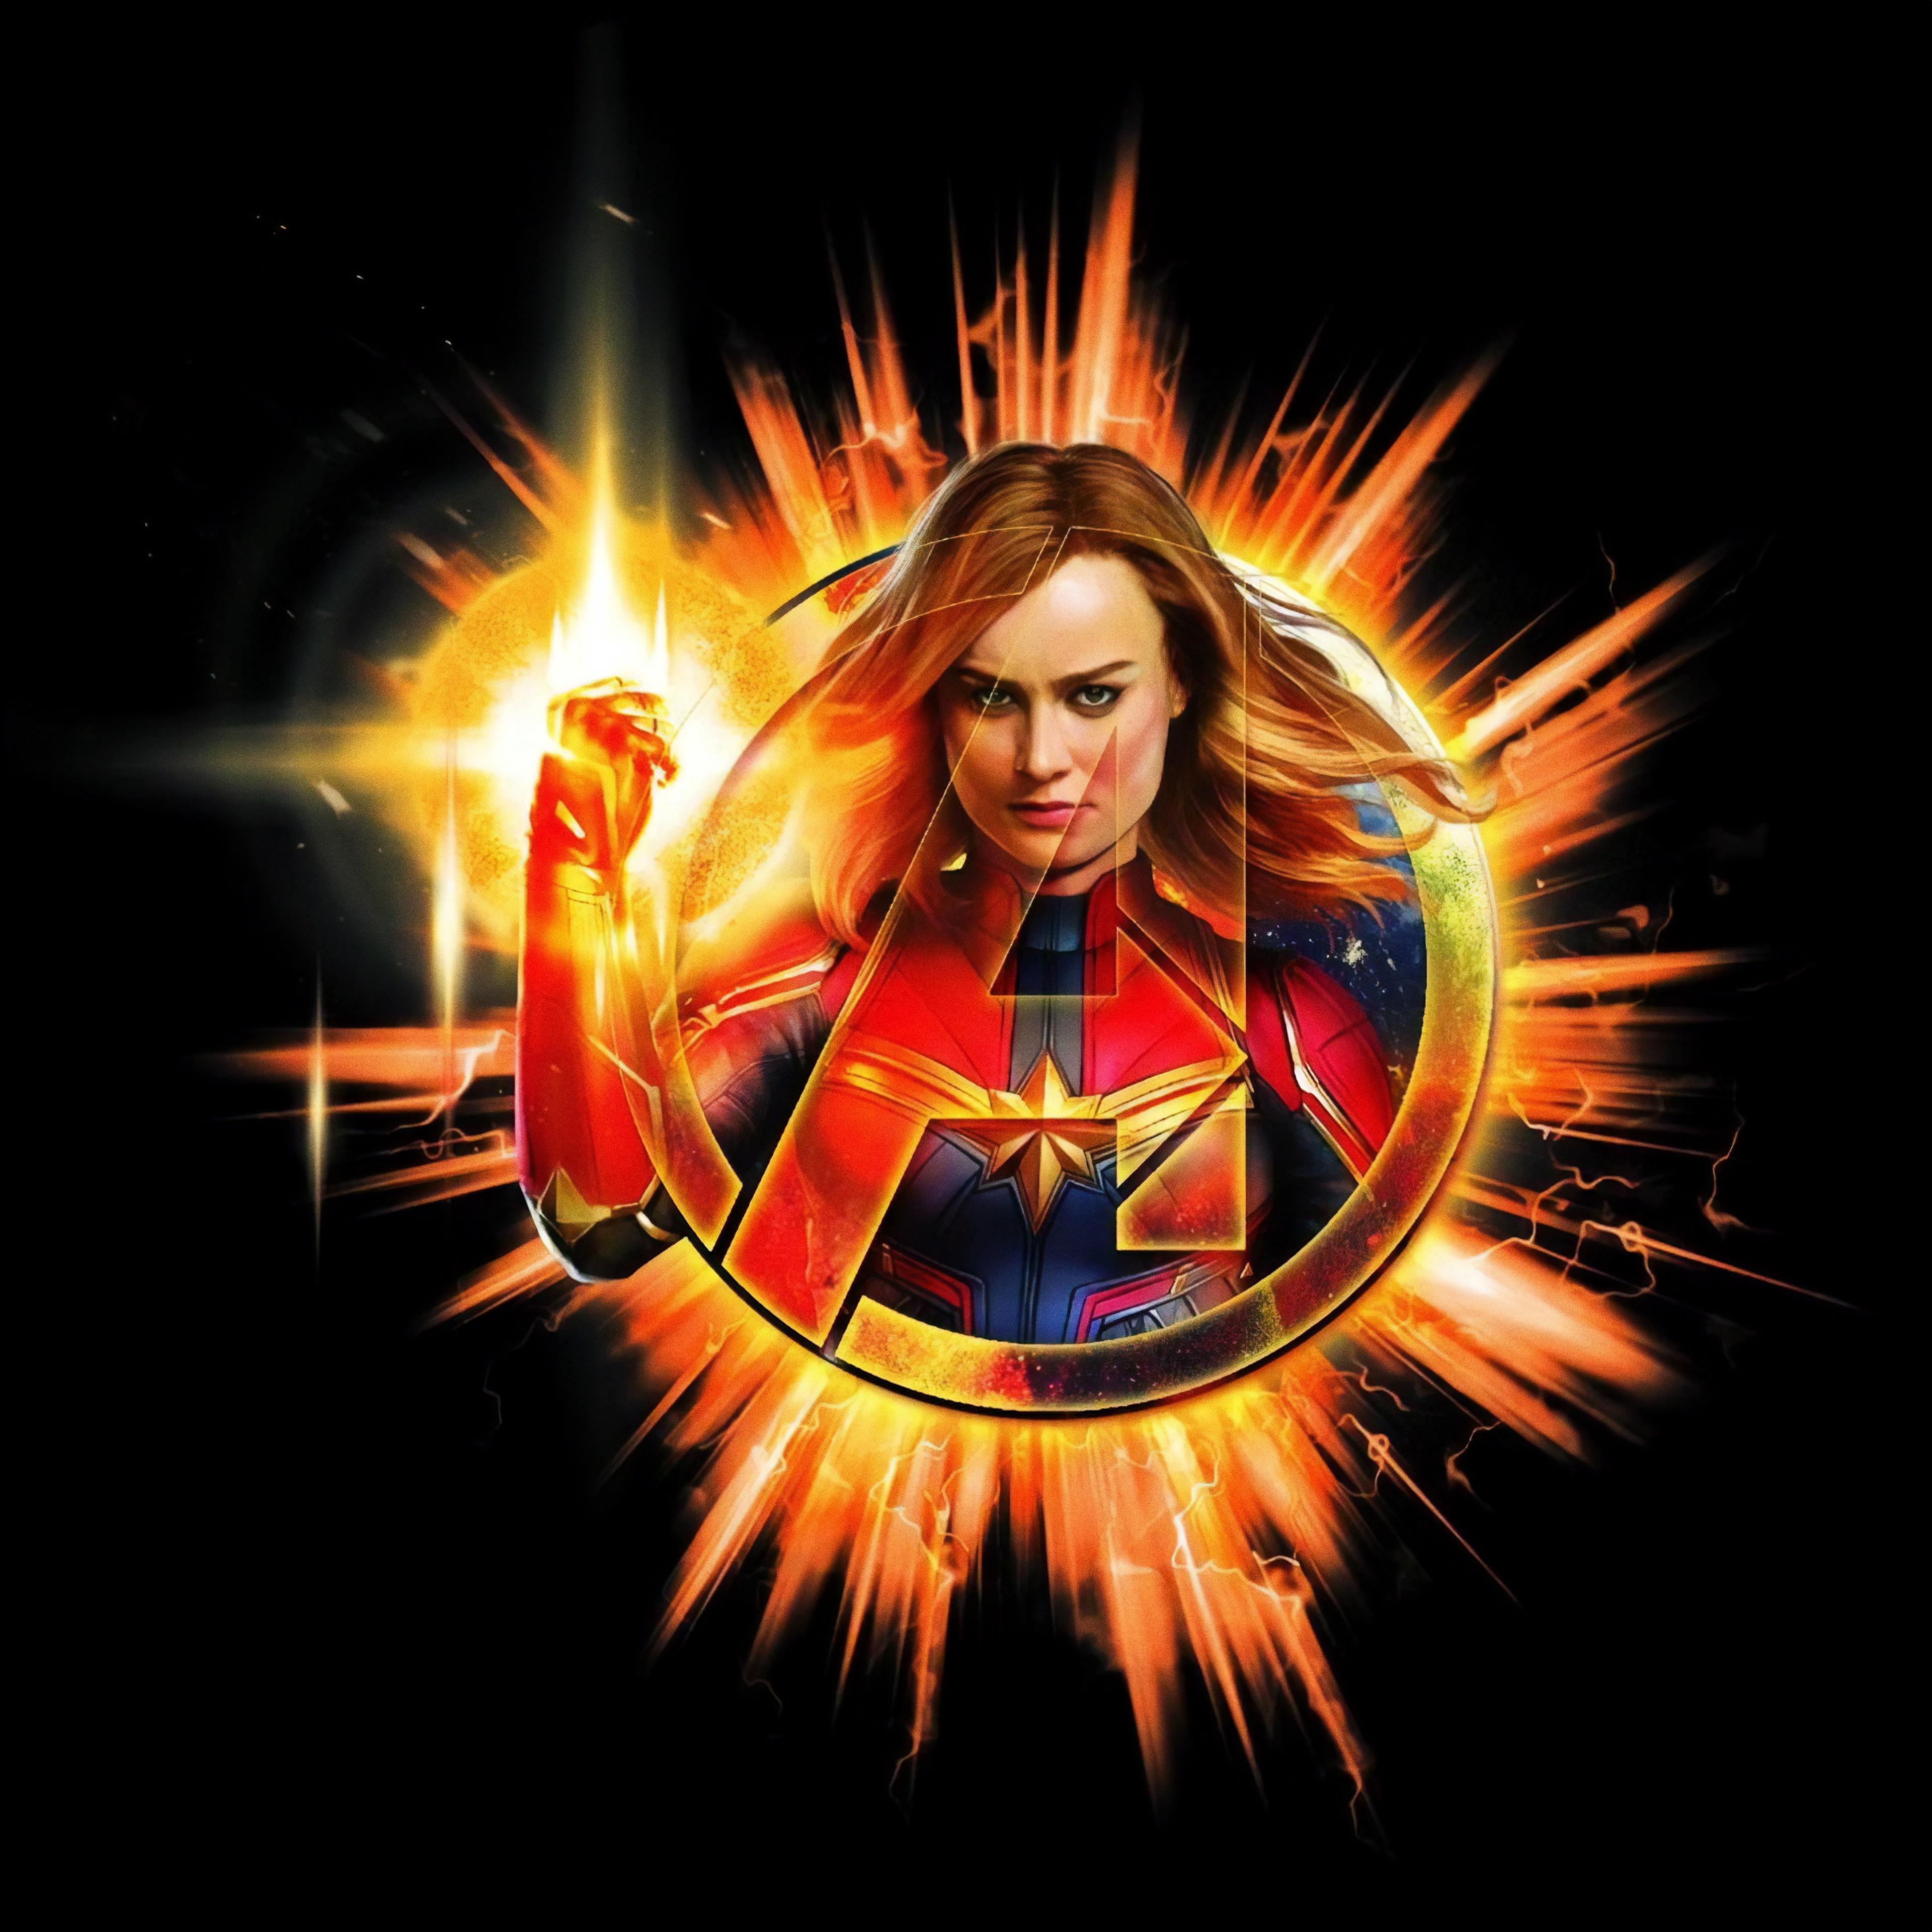 Captain Marvel Avengers EndGame 2019 4k, HD Movies, 4k